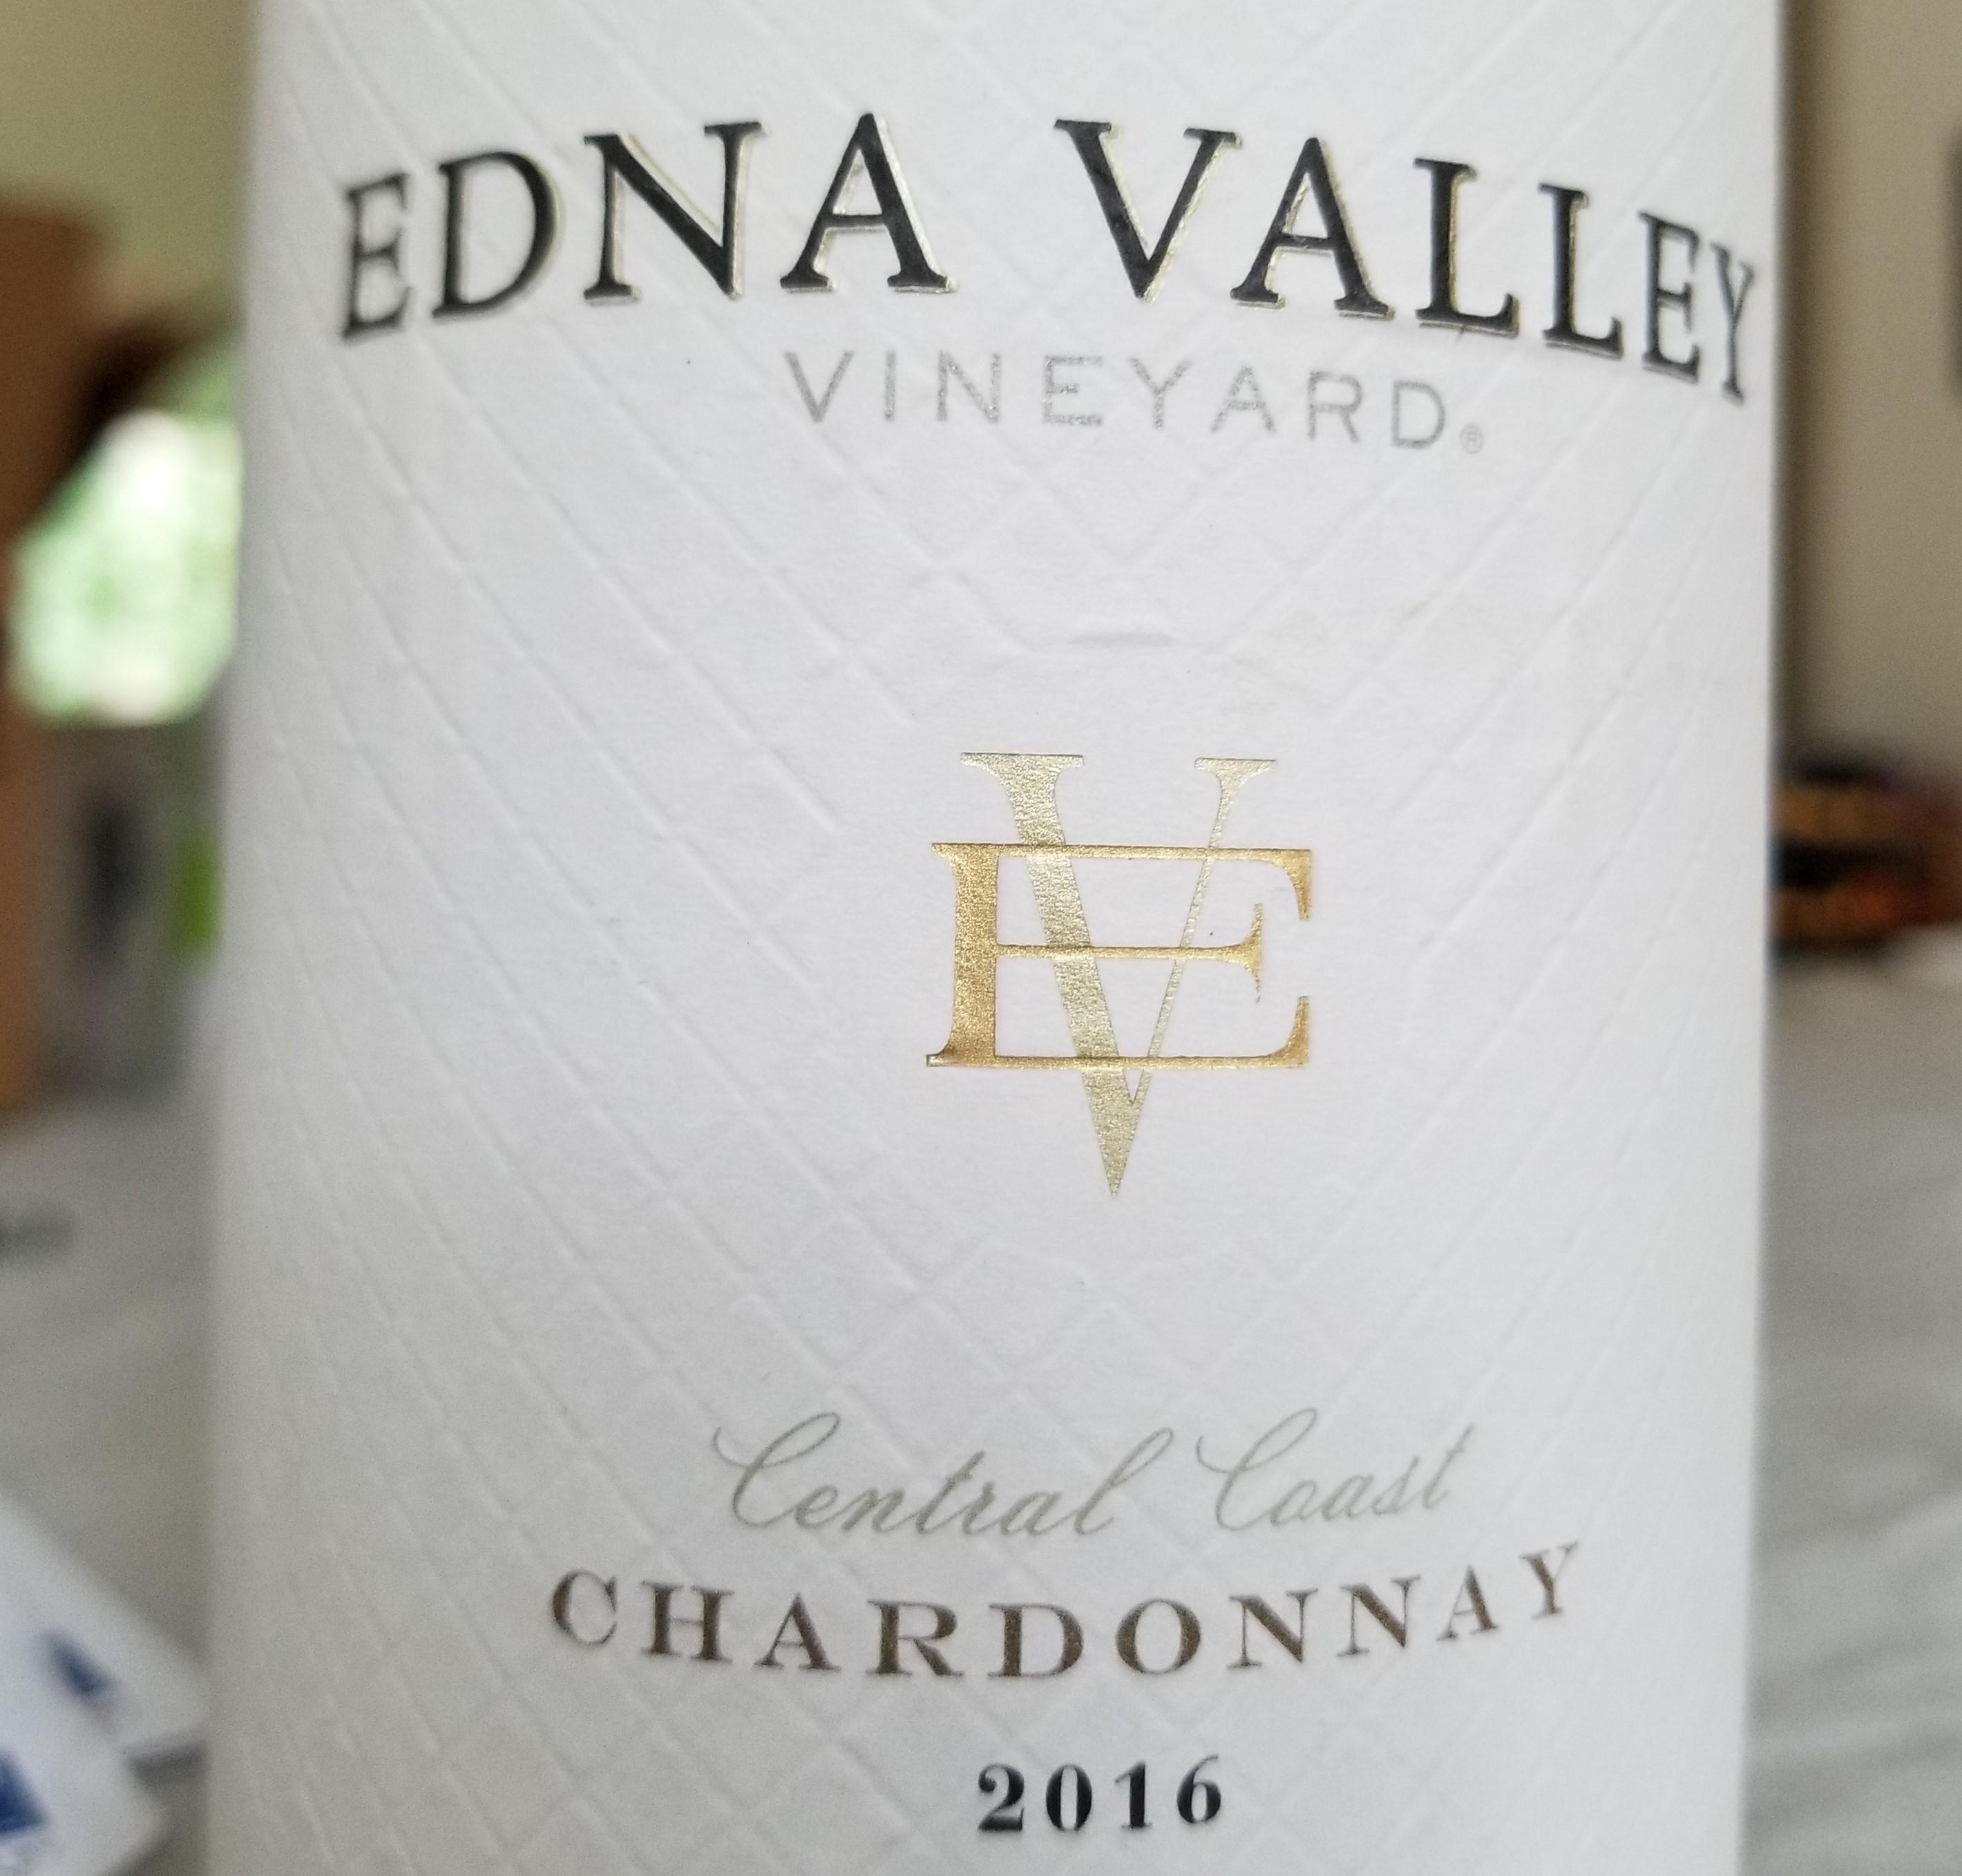 2016 Edna Valley Vineyard Chardonnay photo